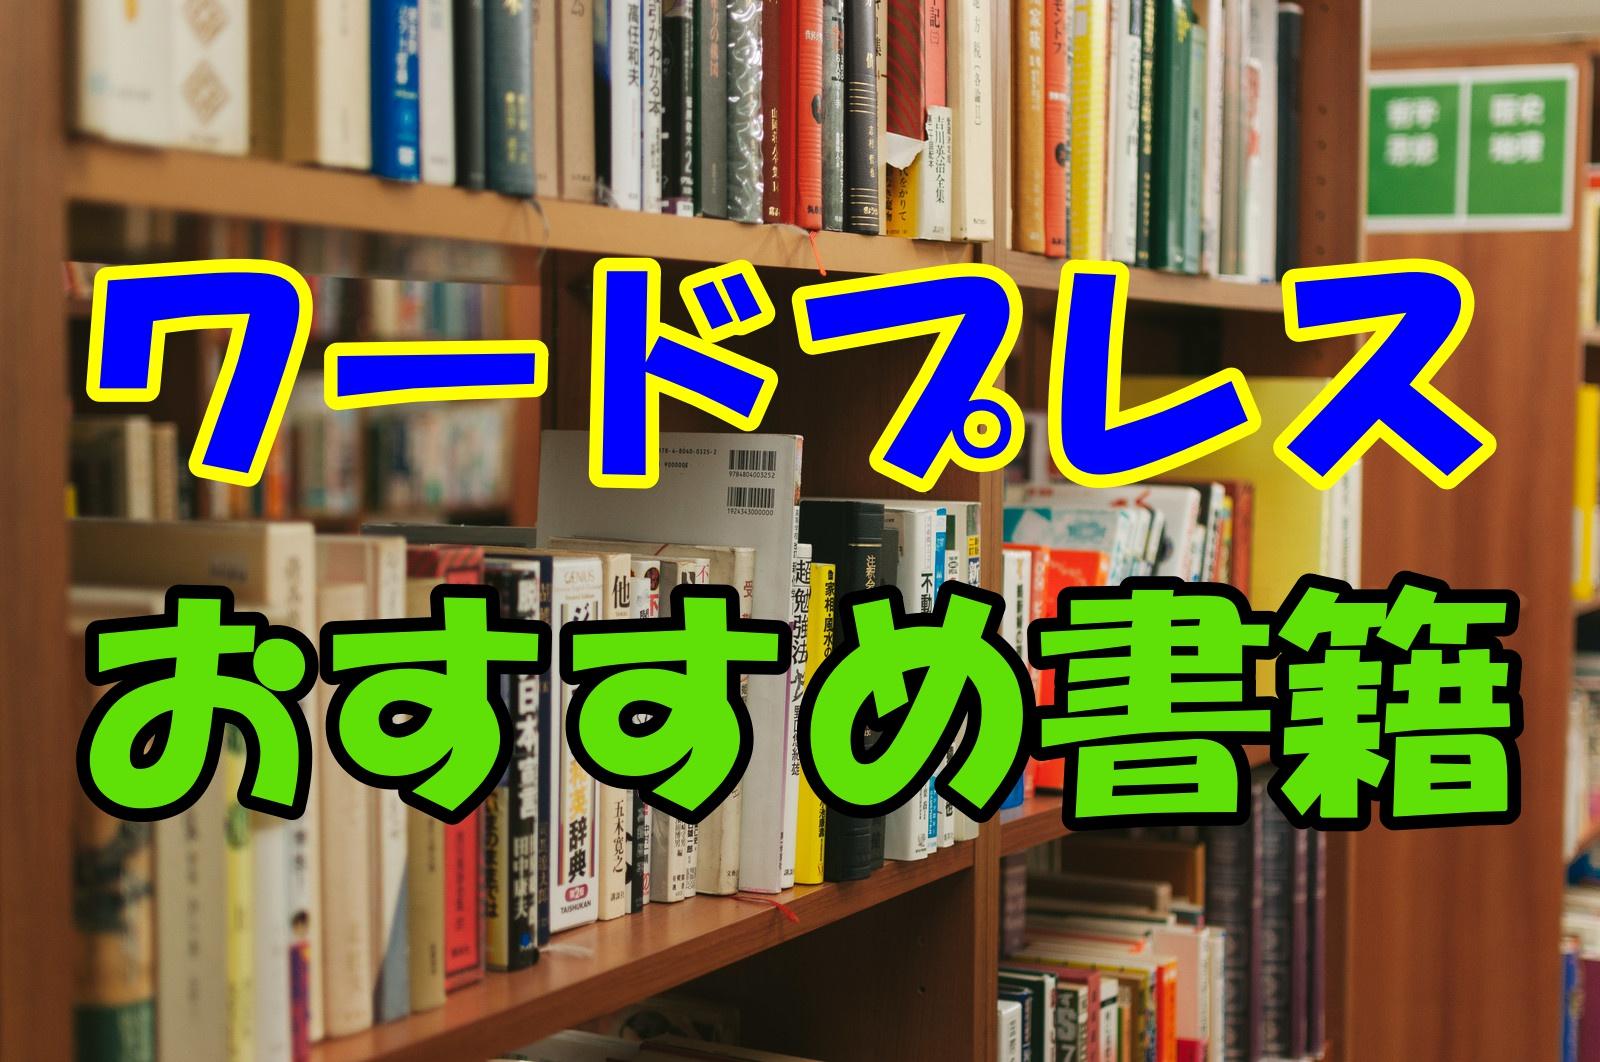 初心者がワードプレスを詳しく学べるオススメの書籍を紹介する